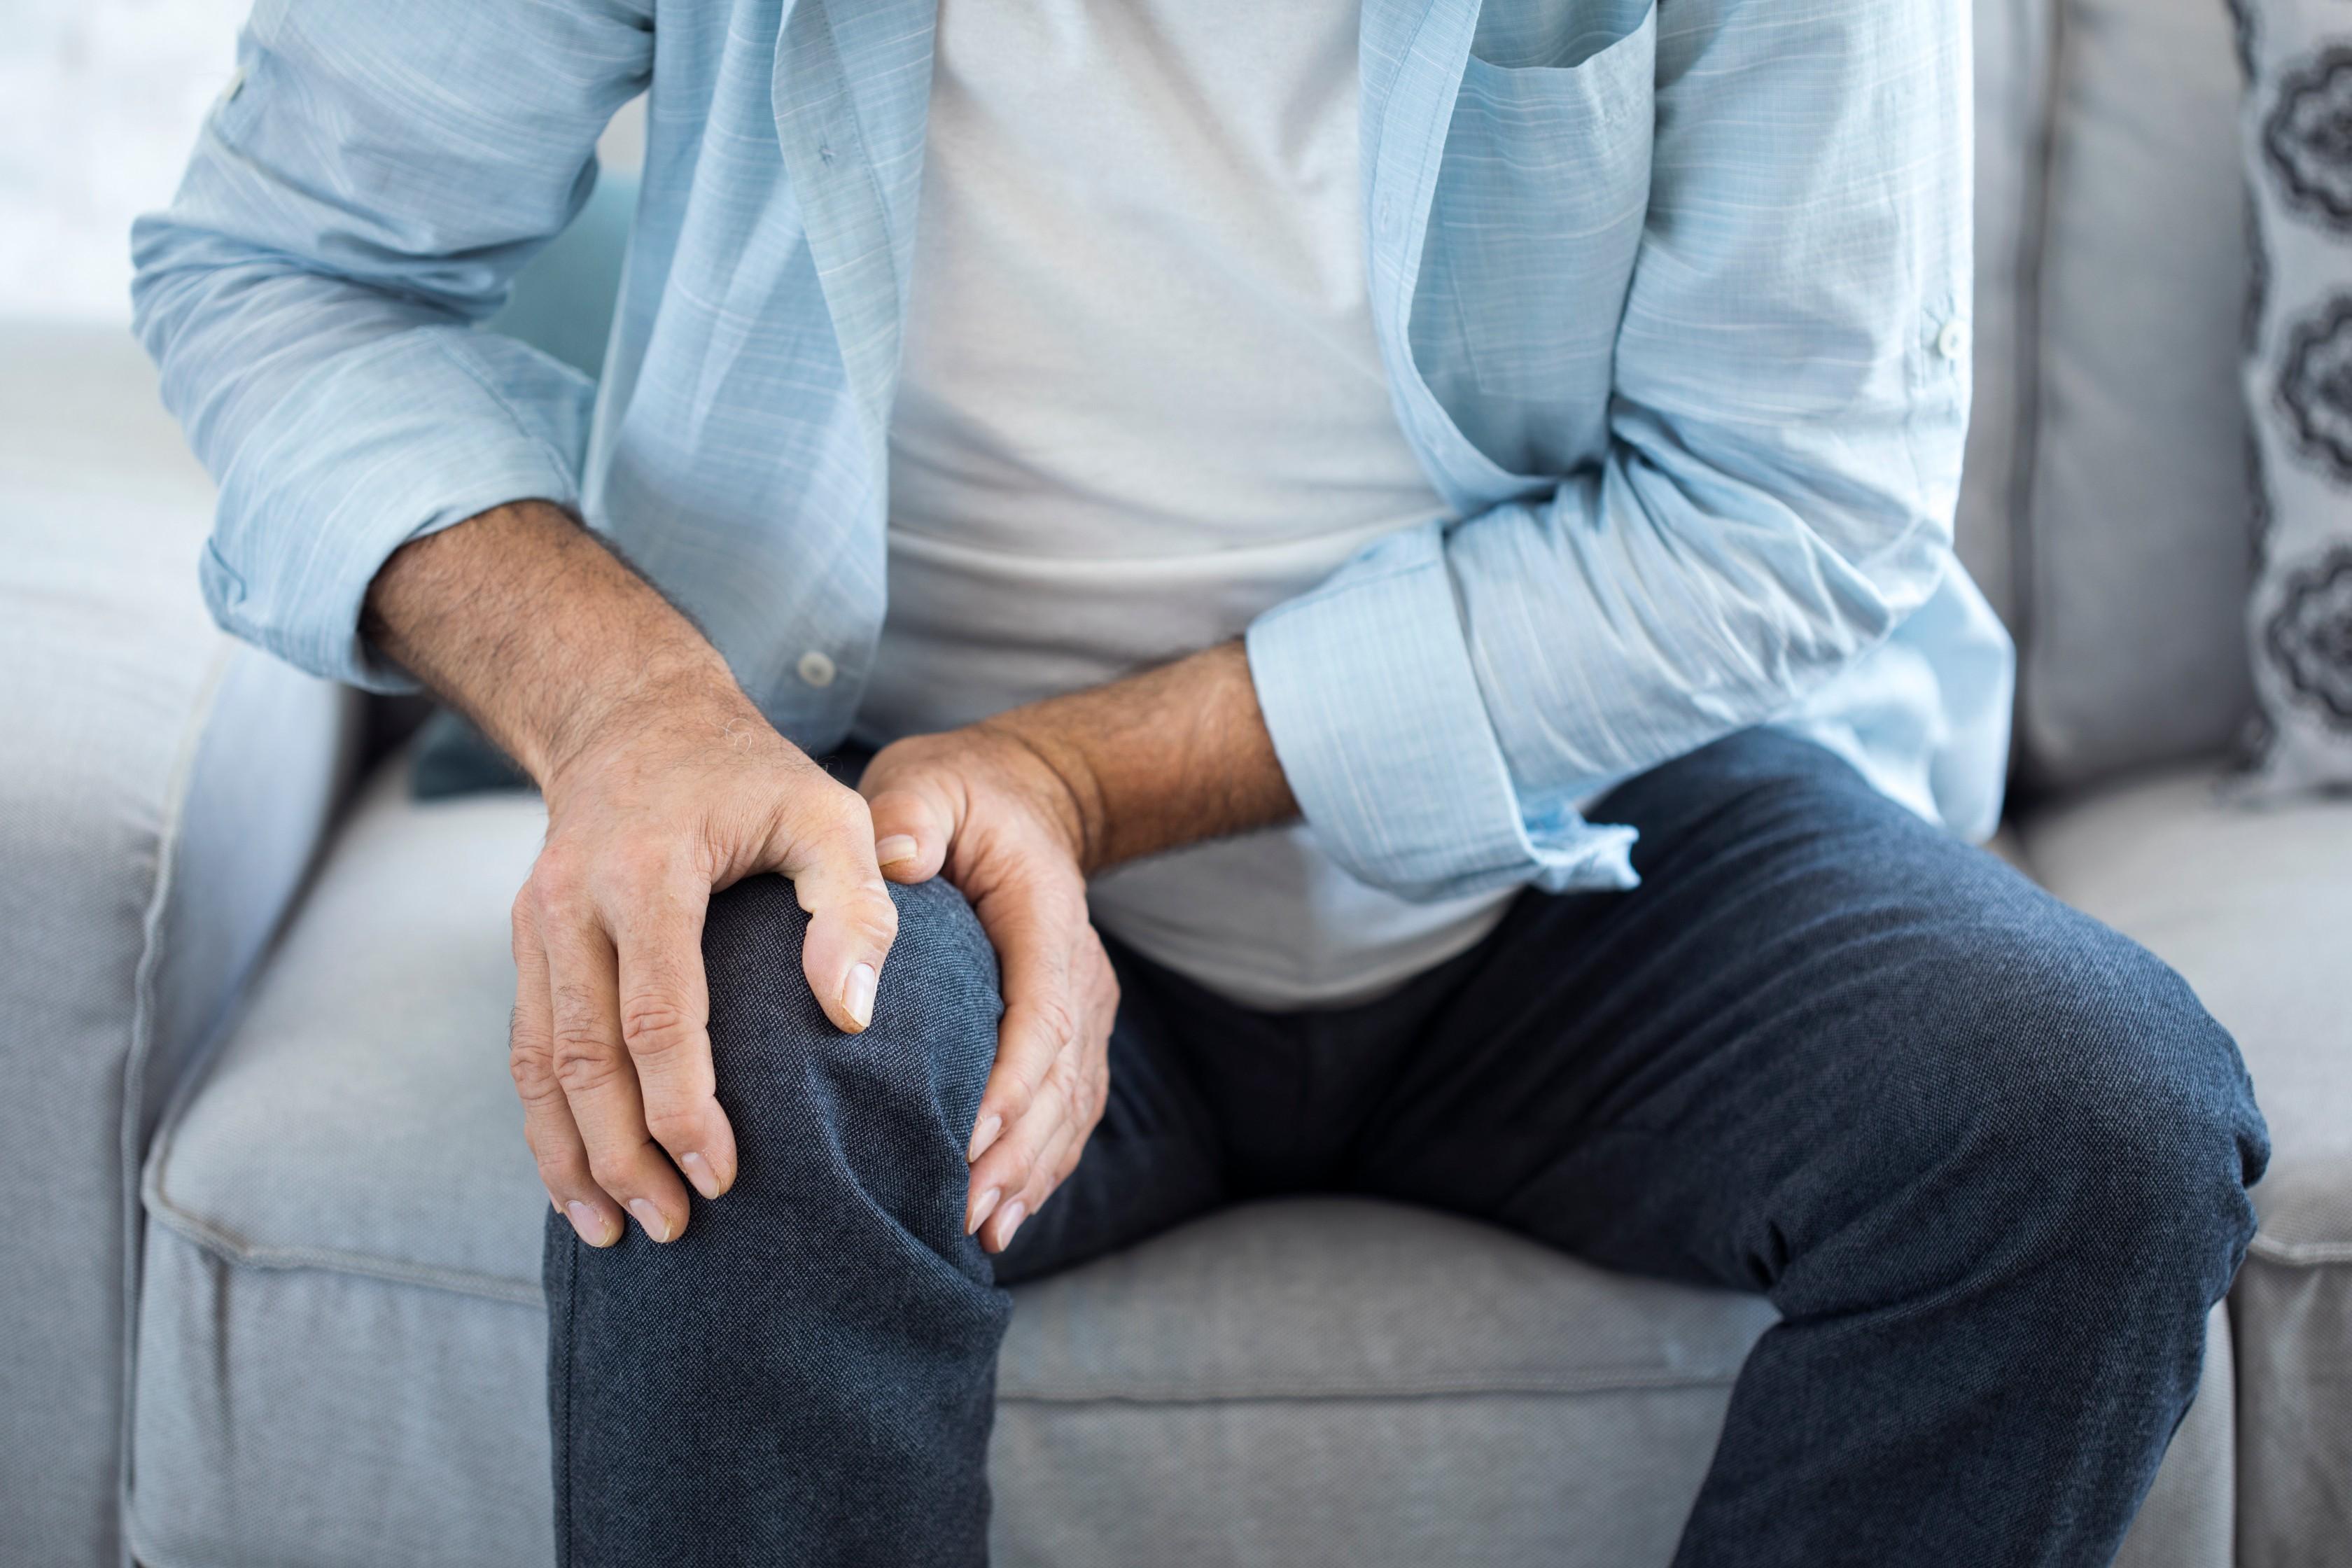 Az ízületek edzési igénye - tippek a sérülések megelőzéséhez